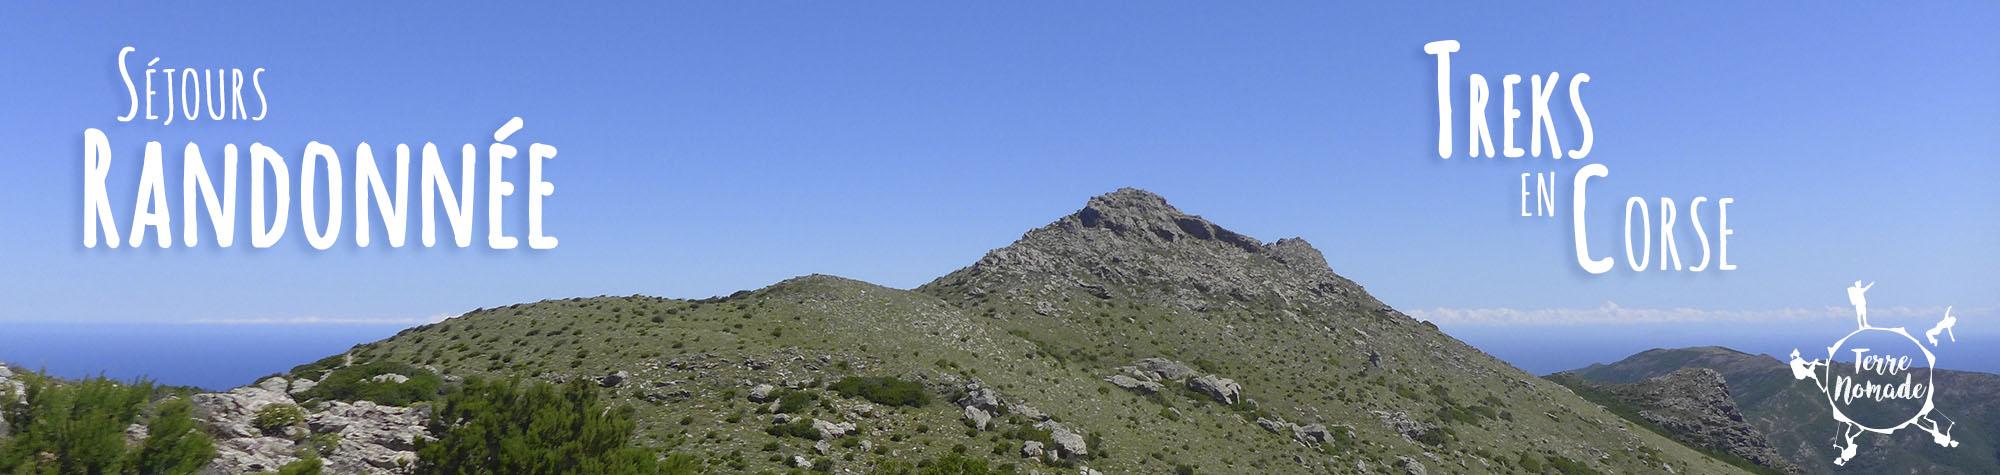 Séjours randonnée et treks au Cap Corse